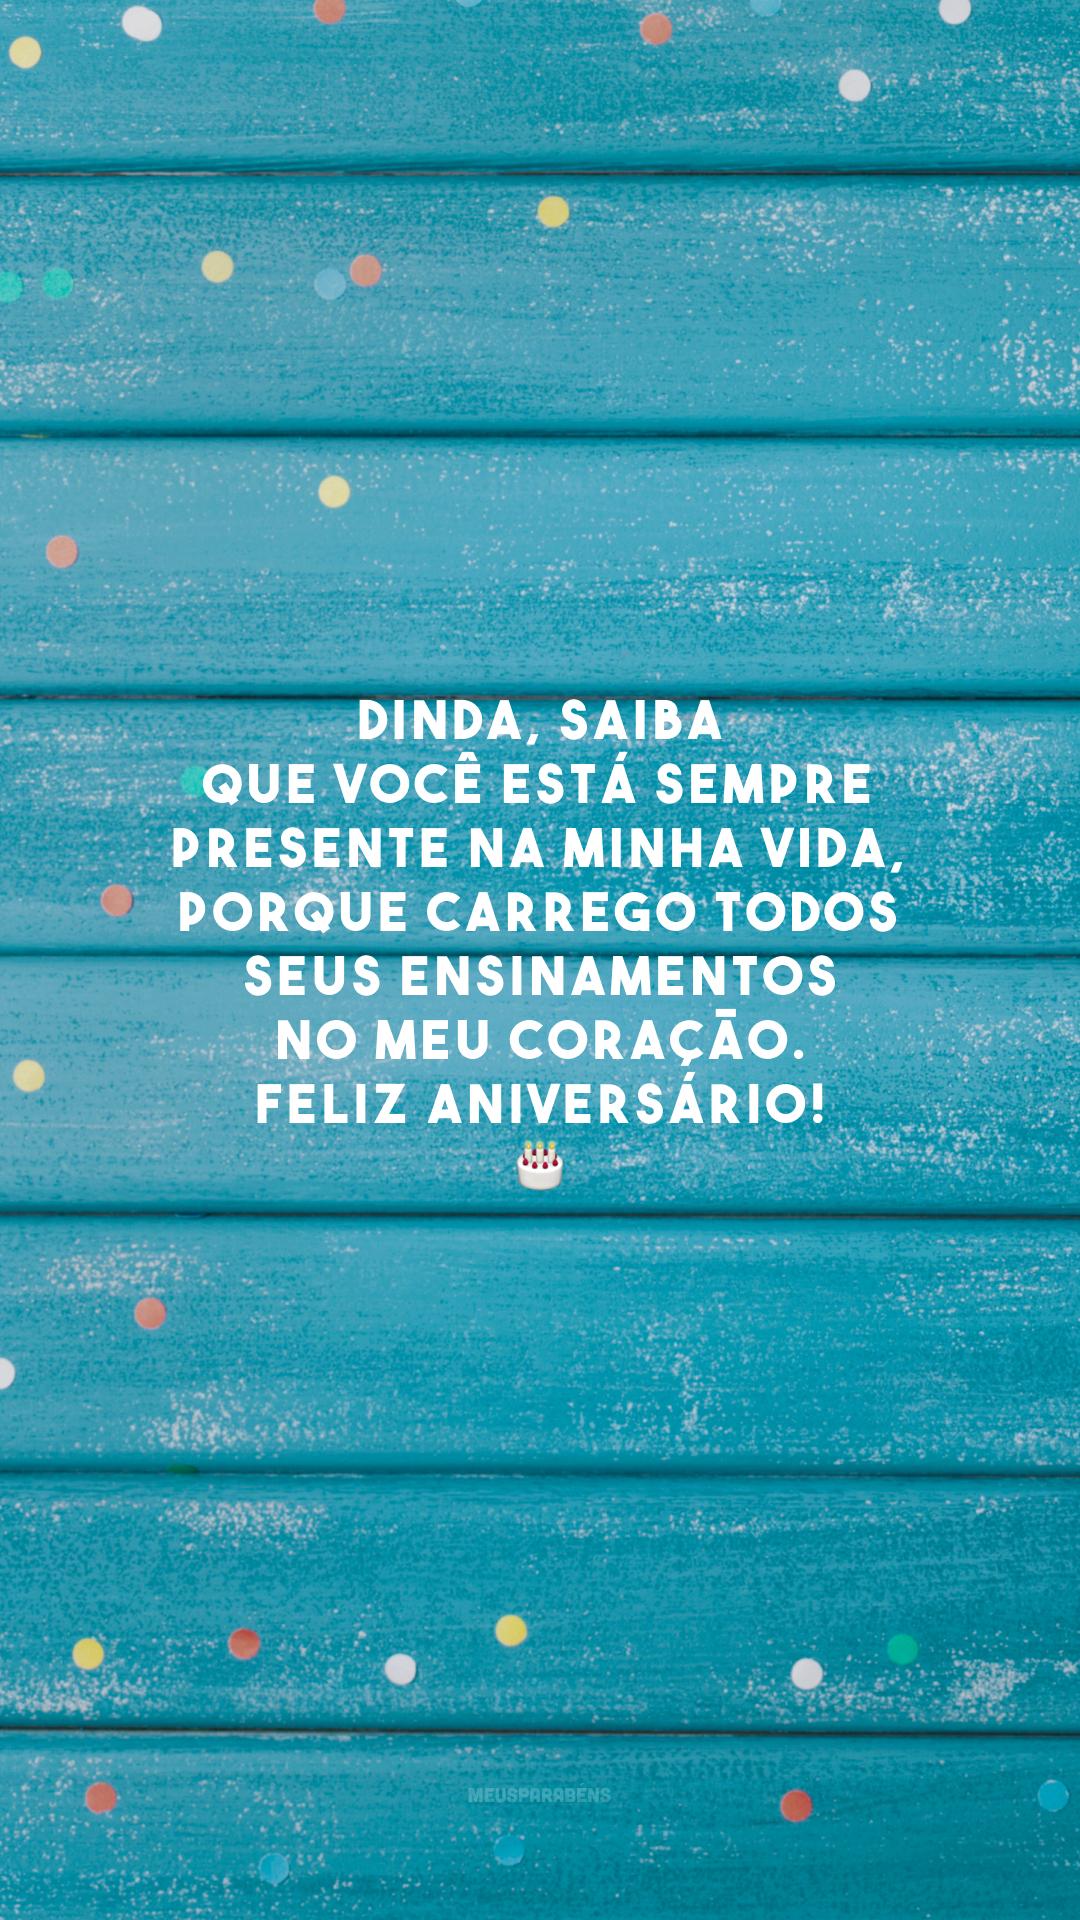 Dinda, saiba que você está sempre presente na minha vida, porque carrego todos seus ensinamentos no meu coração. Feliz aniversário! 🎂